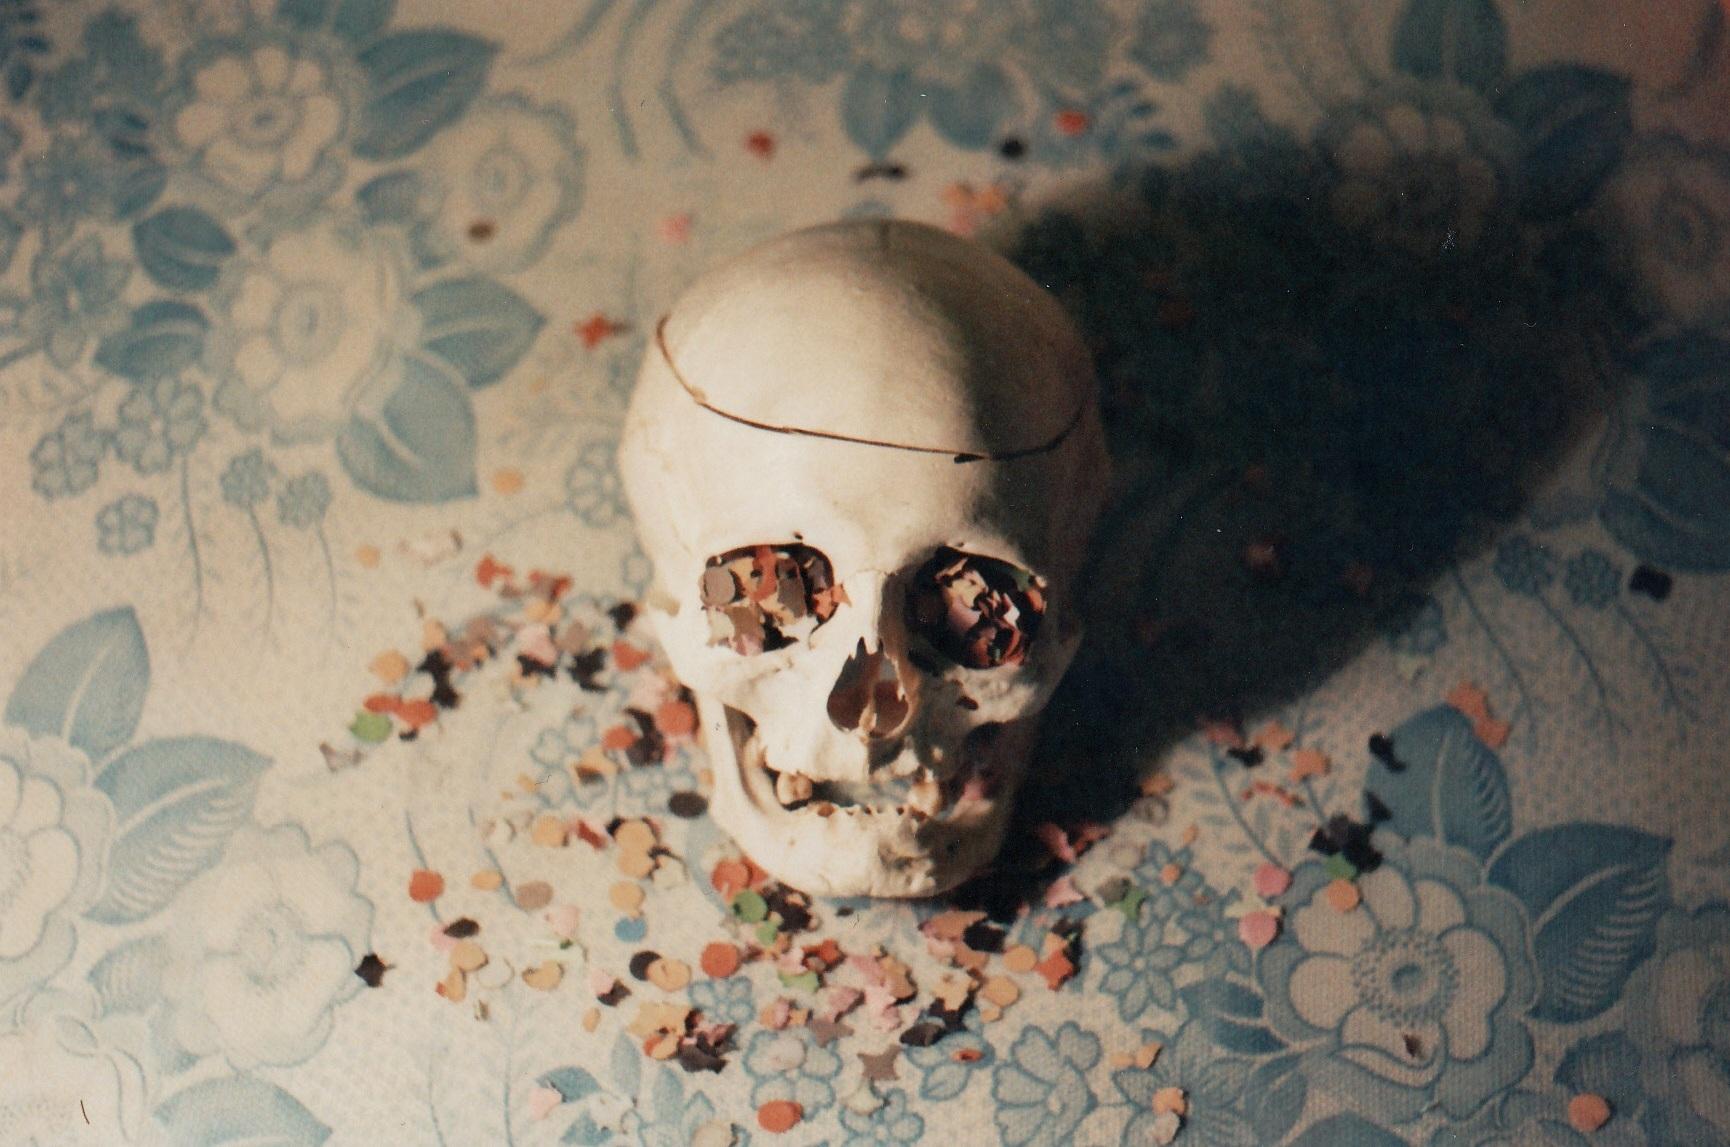 Hintergrundbilder : Brille, Knochen, Schädel, Tod, Leben, 35MM ...